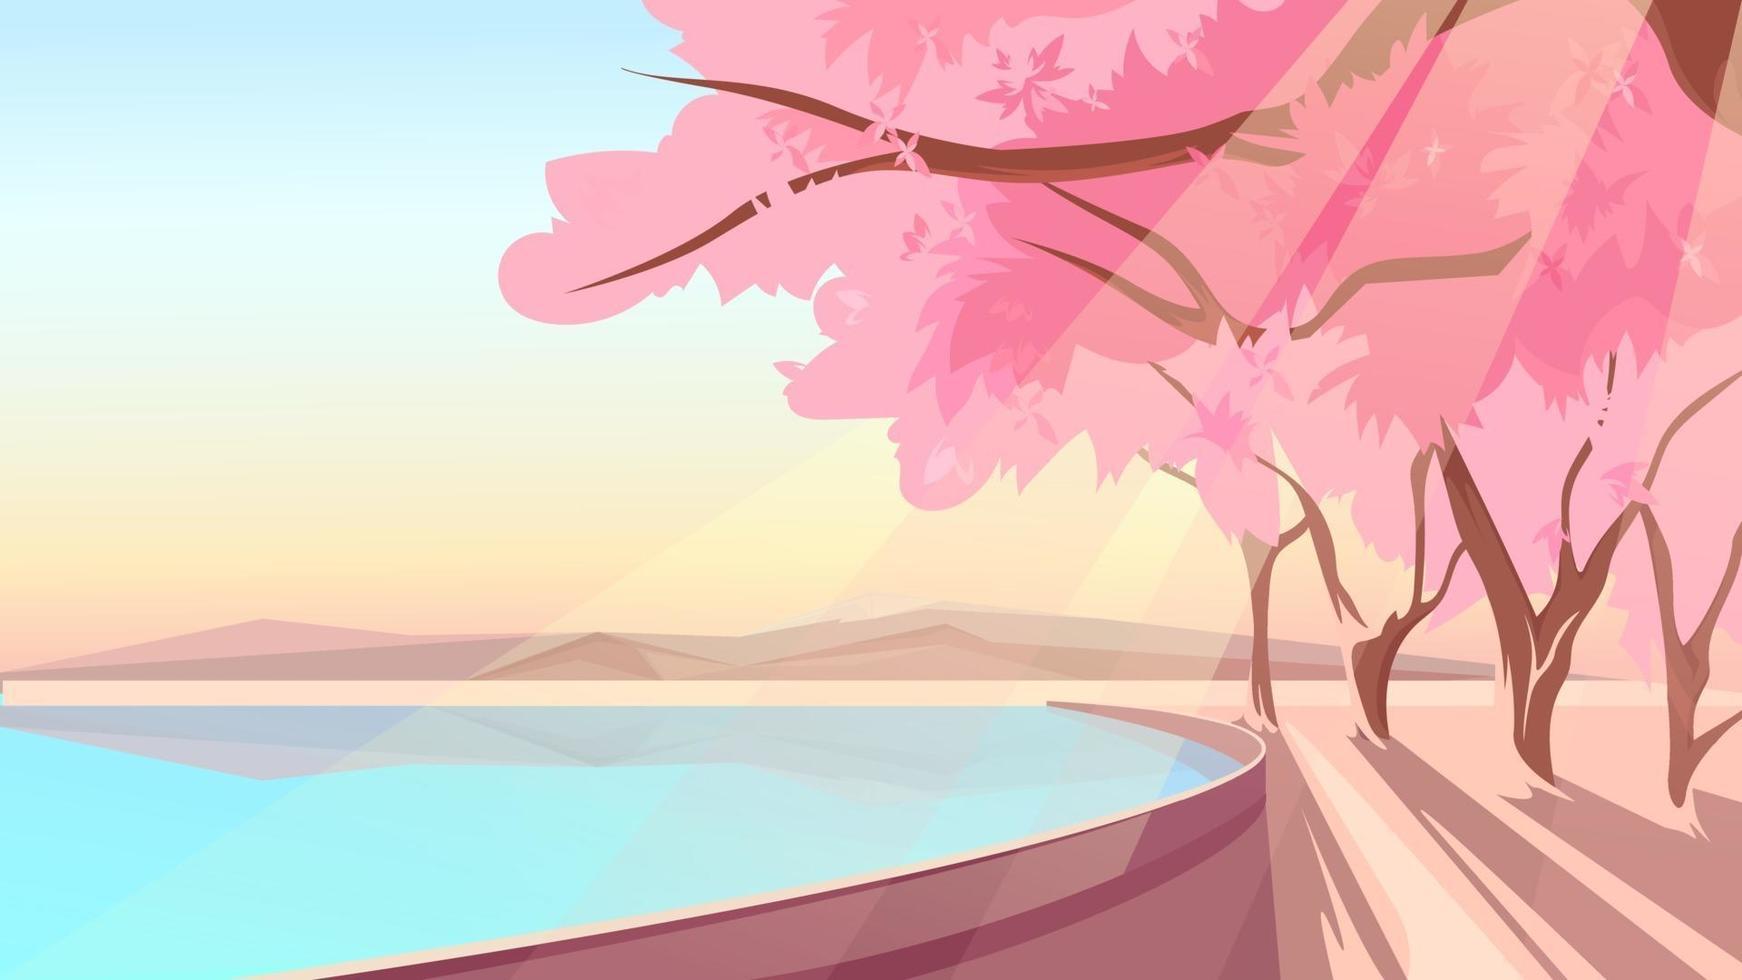 fioritura sakura sulla riva del lago vettore